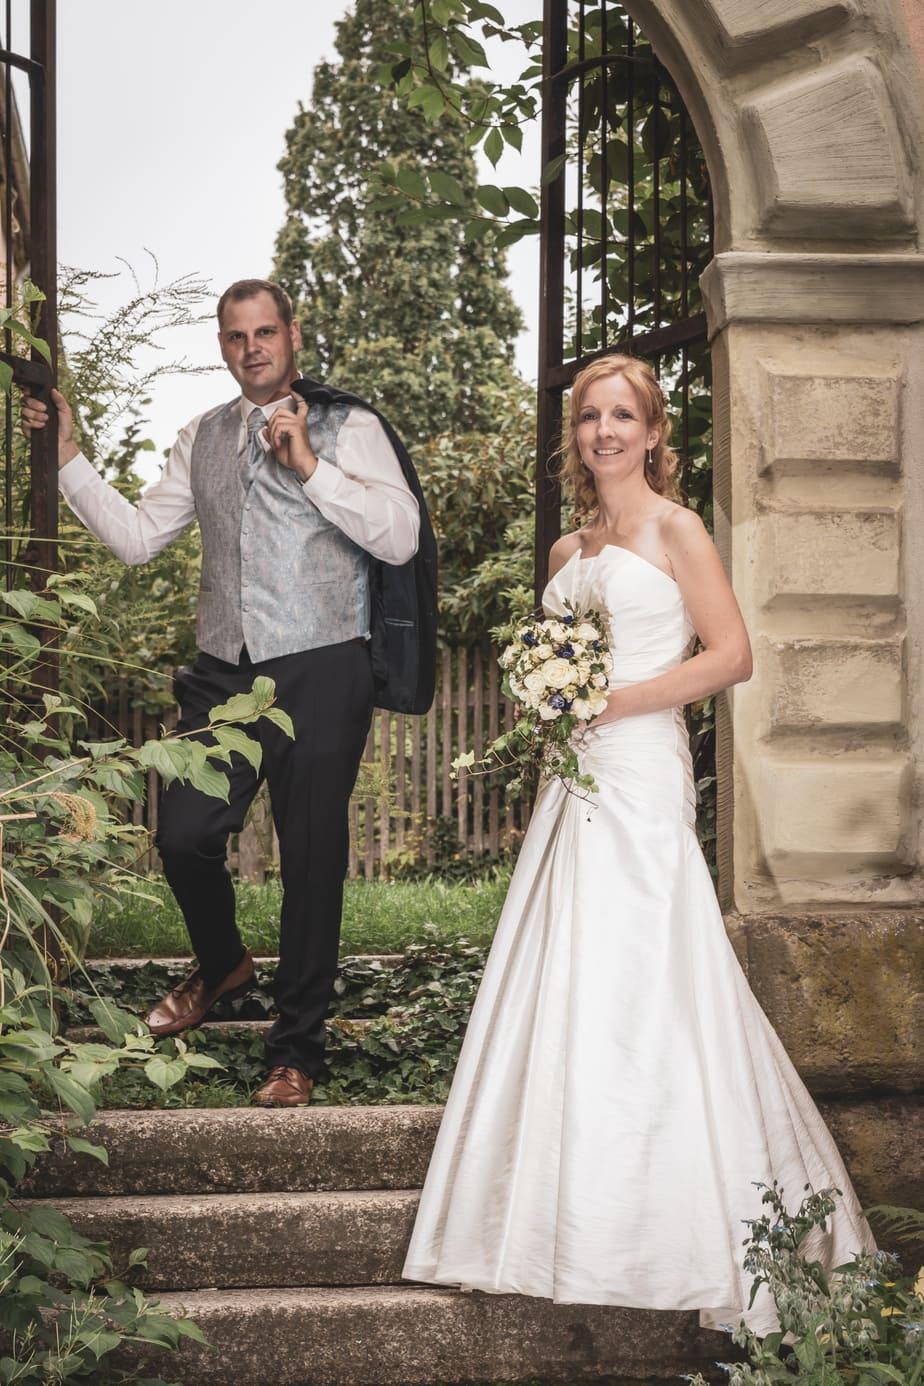 Hochzeitsbild im Vintage-Look im Freien